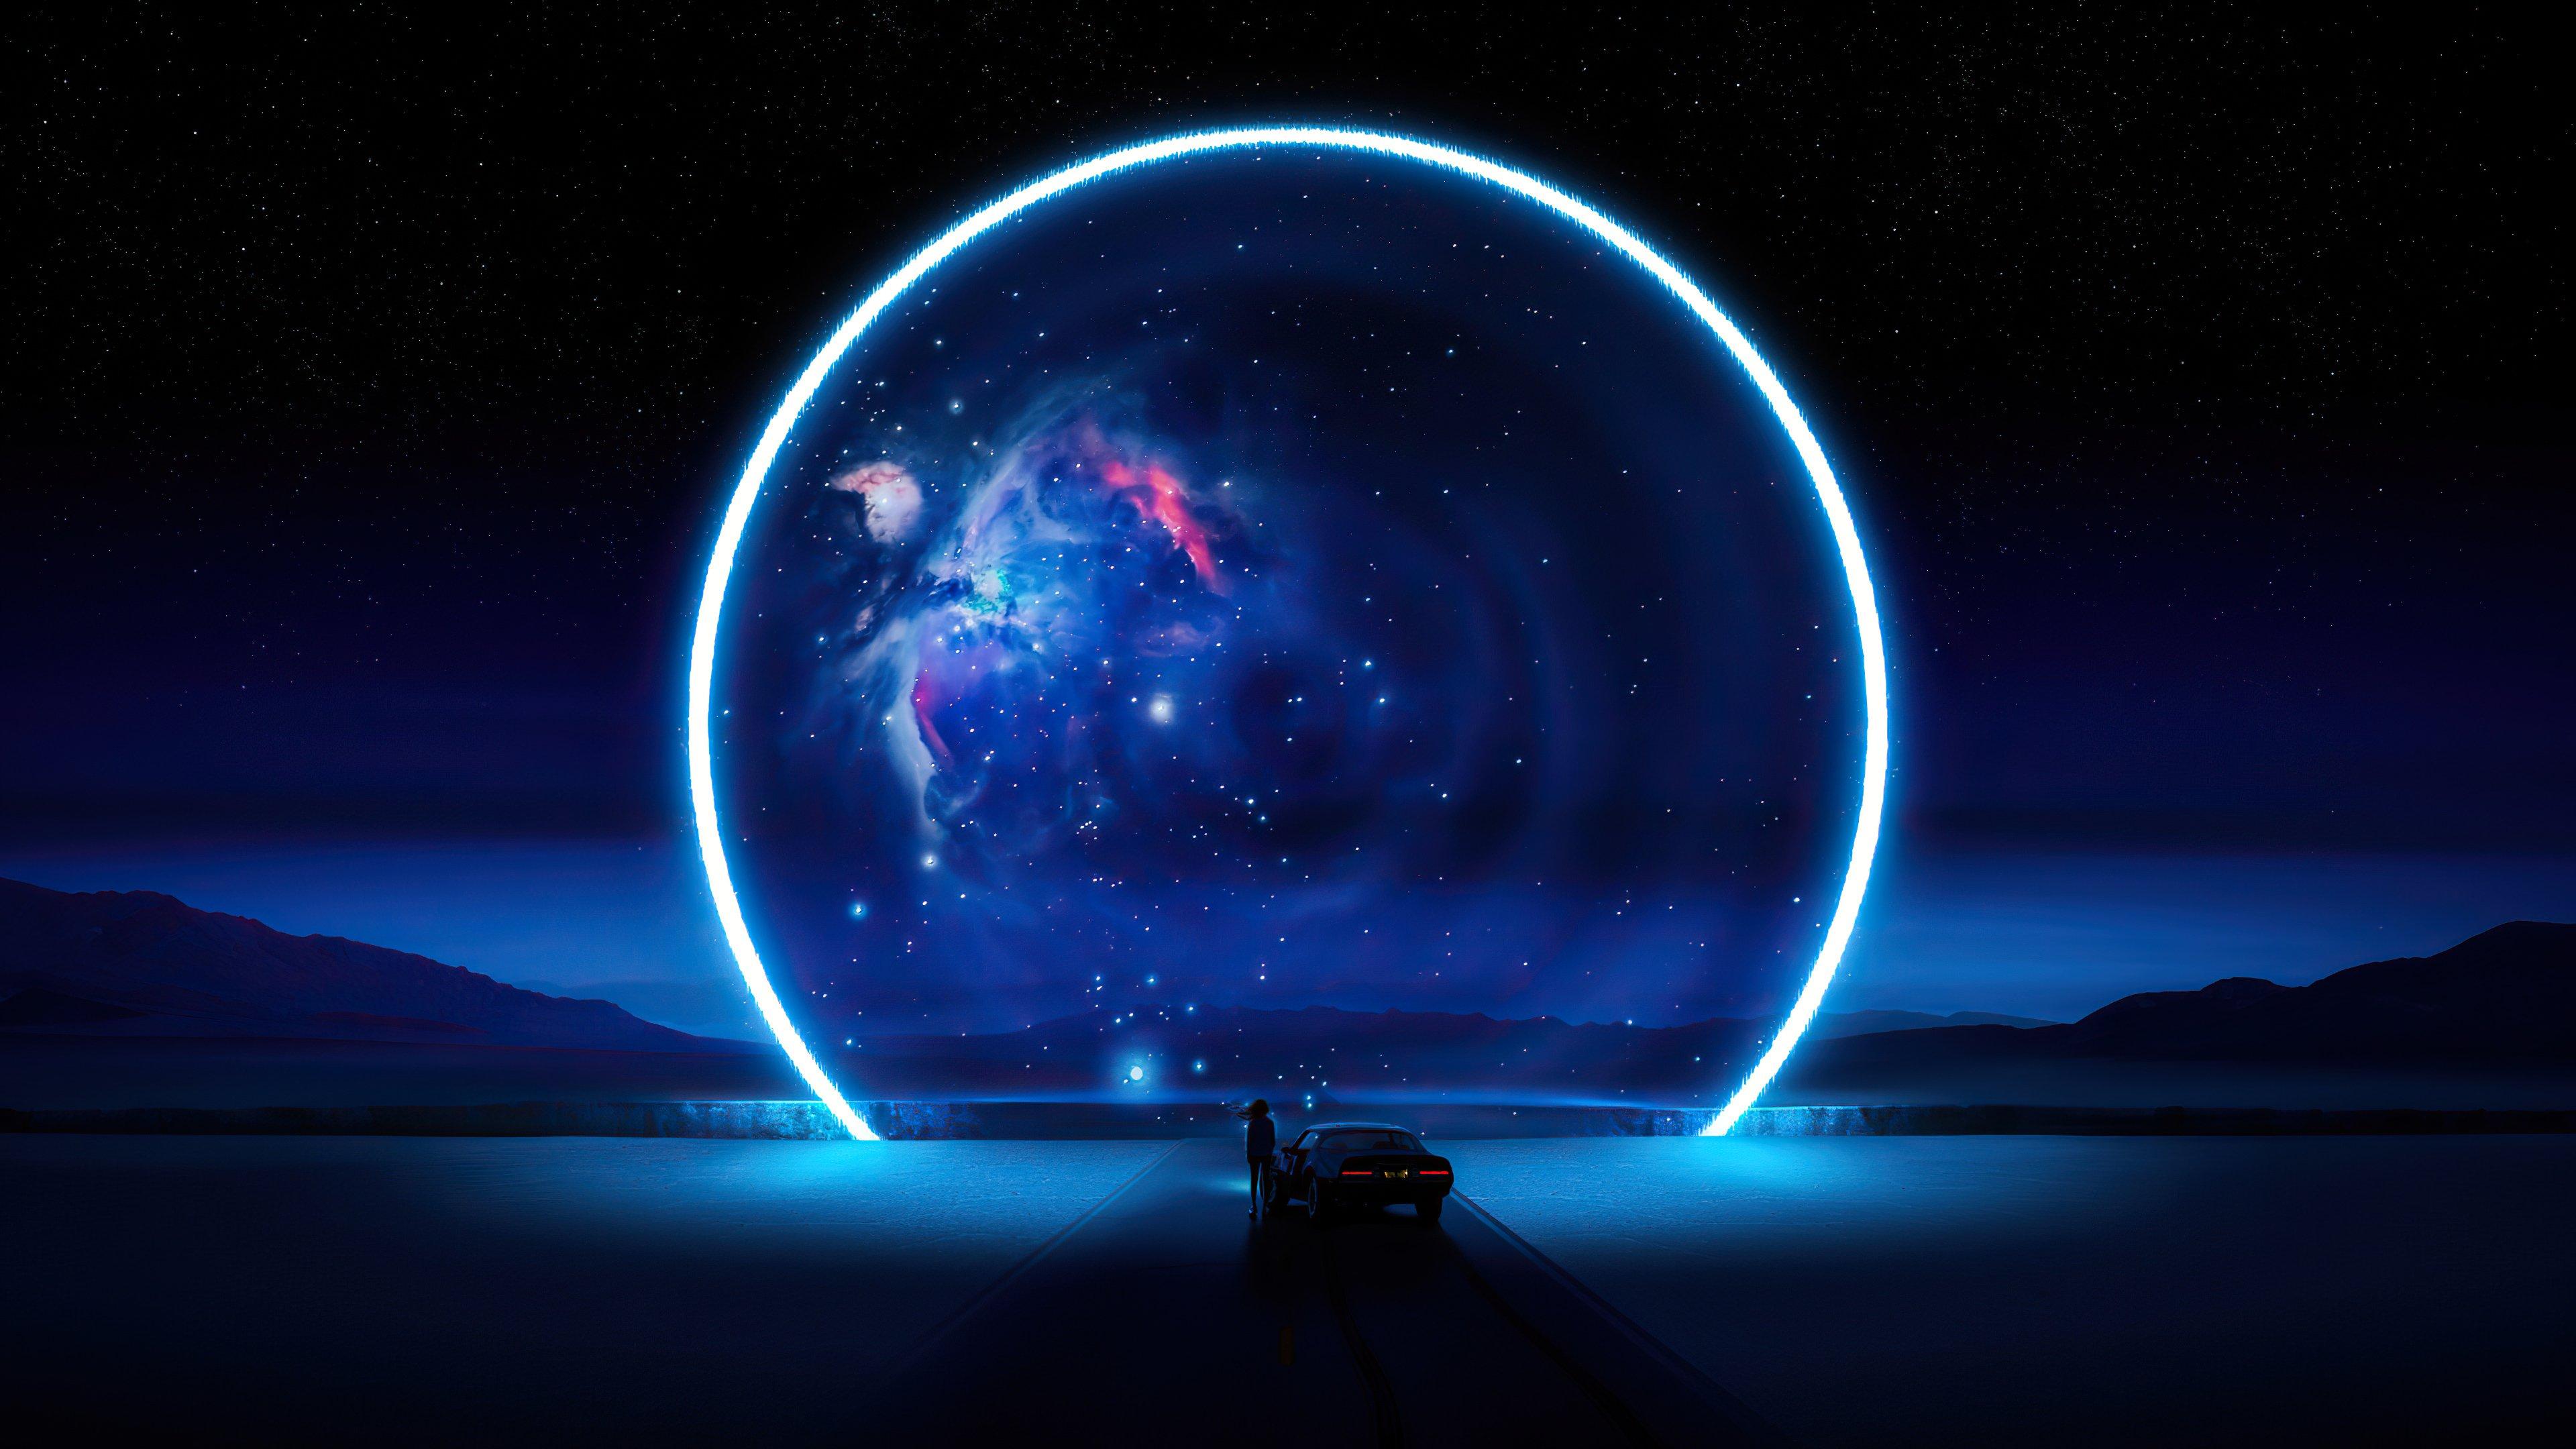 Fondos de pantalla Carretra con Aro de universo azul